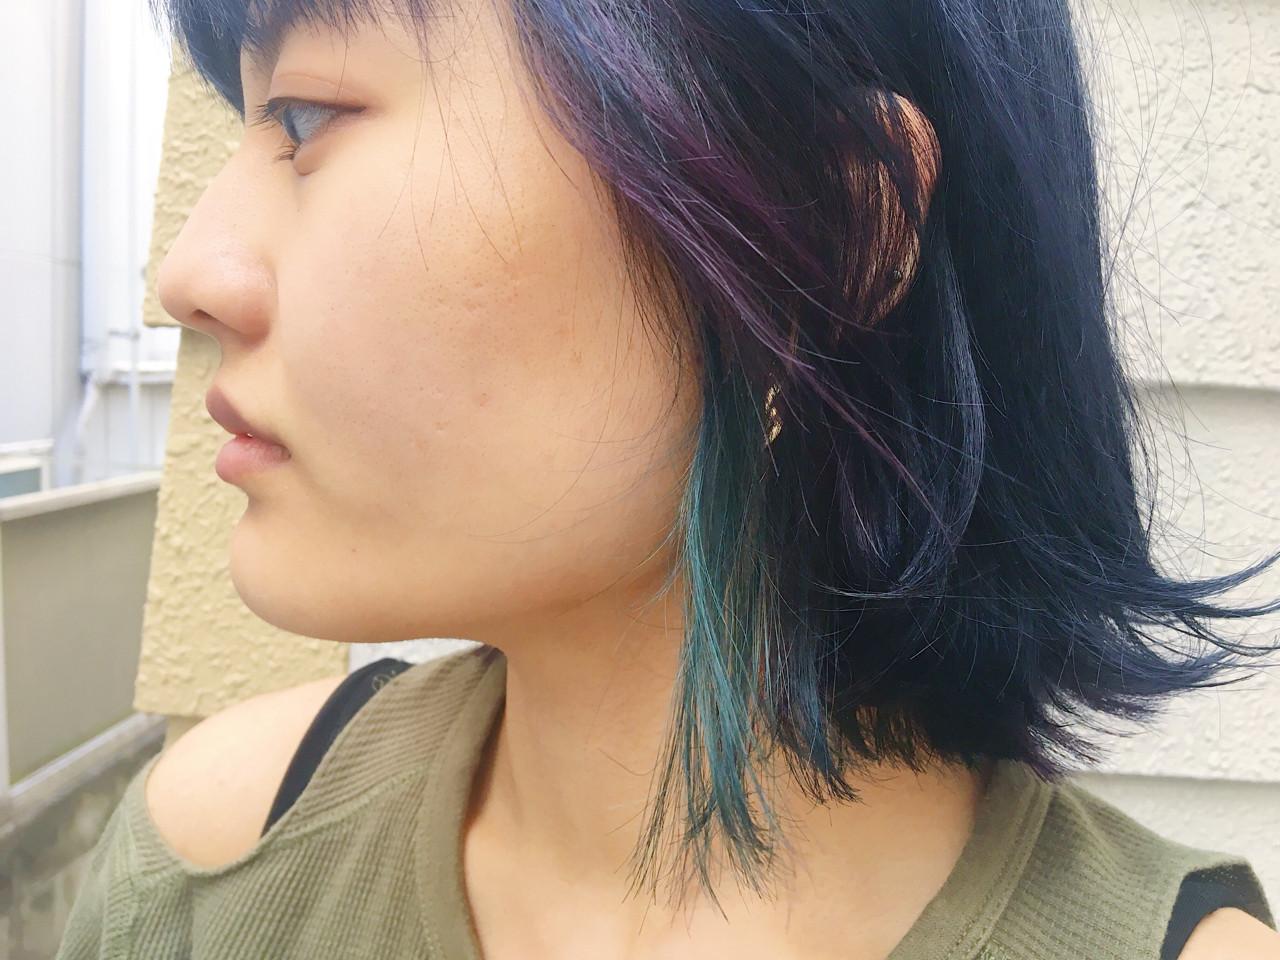 インナーカラー ネイビー ブルー ボブ ヘアスタイルや髪型の写真・画像